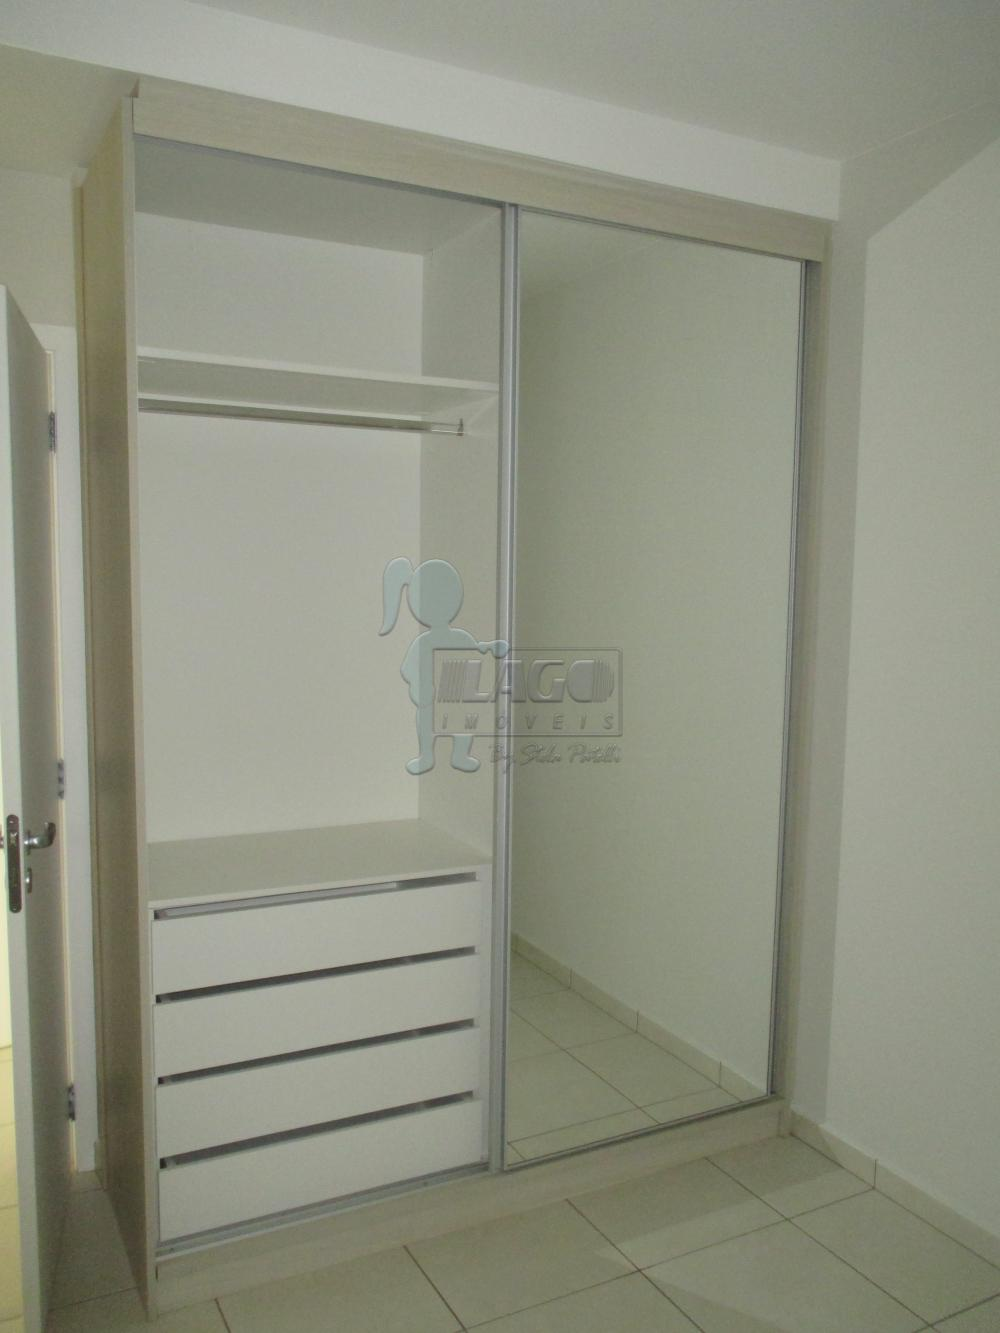 Alugar Apartamento / Padrão em Ribeirão Preto apenas R$ 5.000,00 - Foto 4